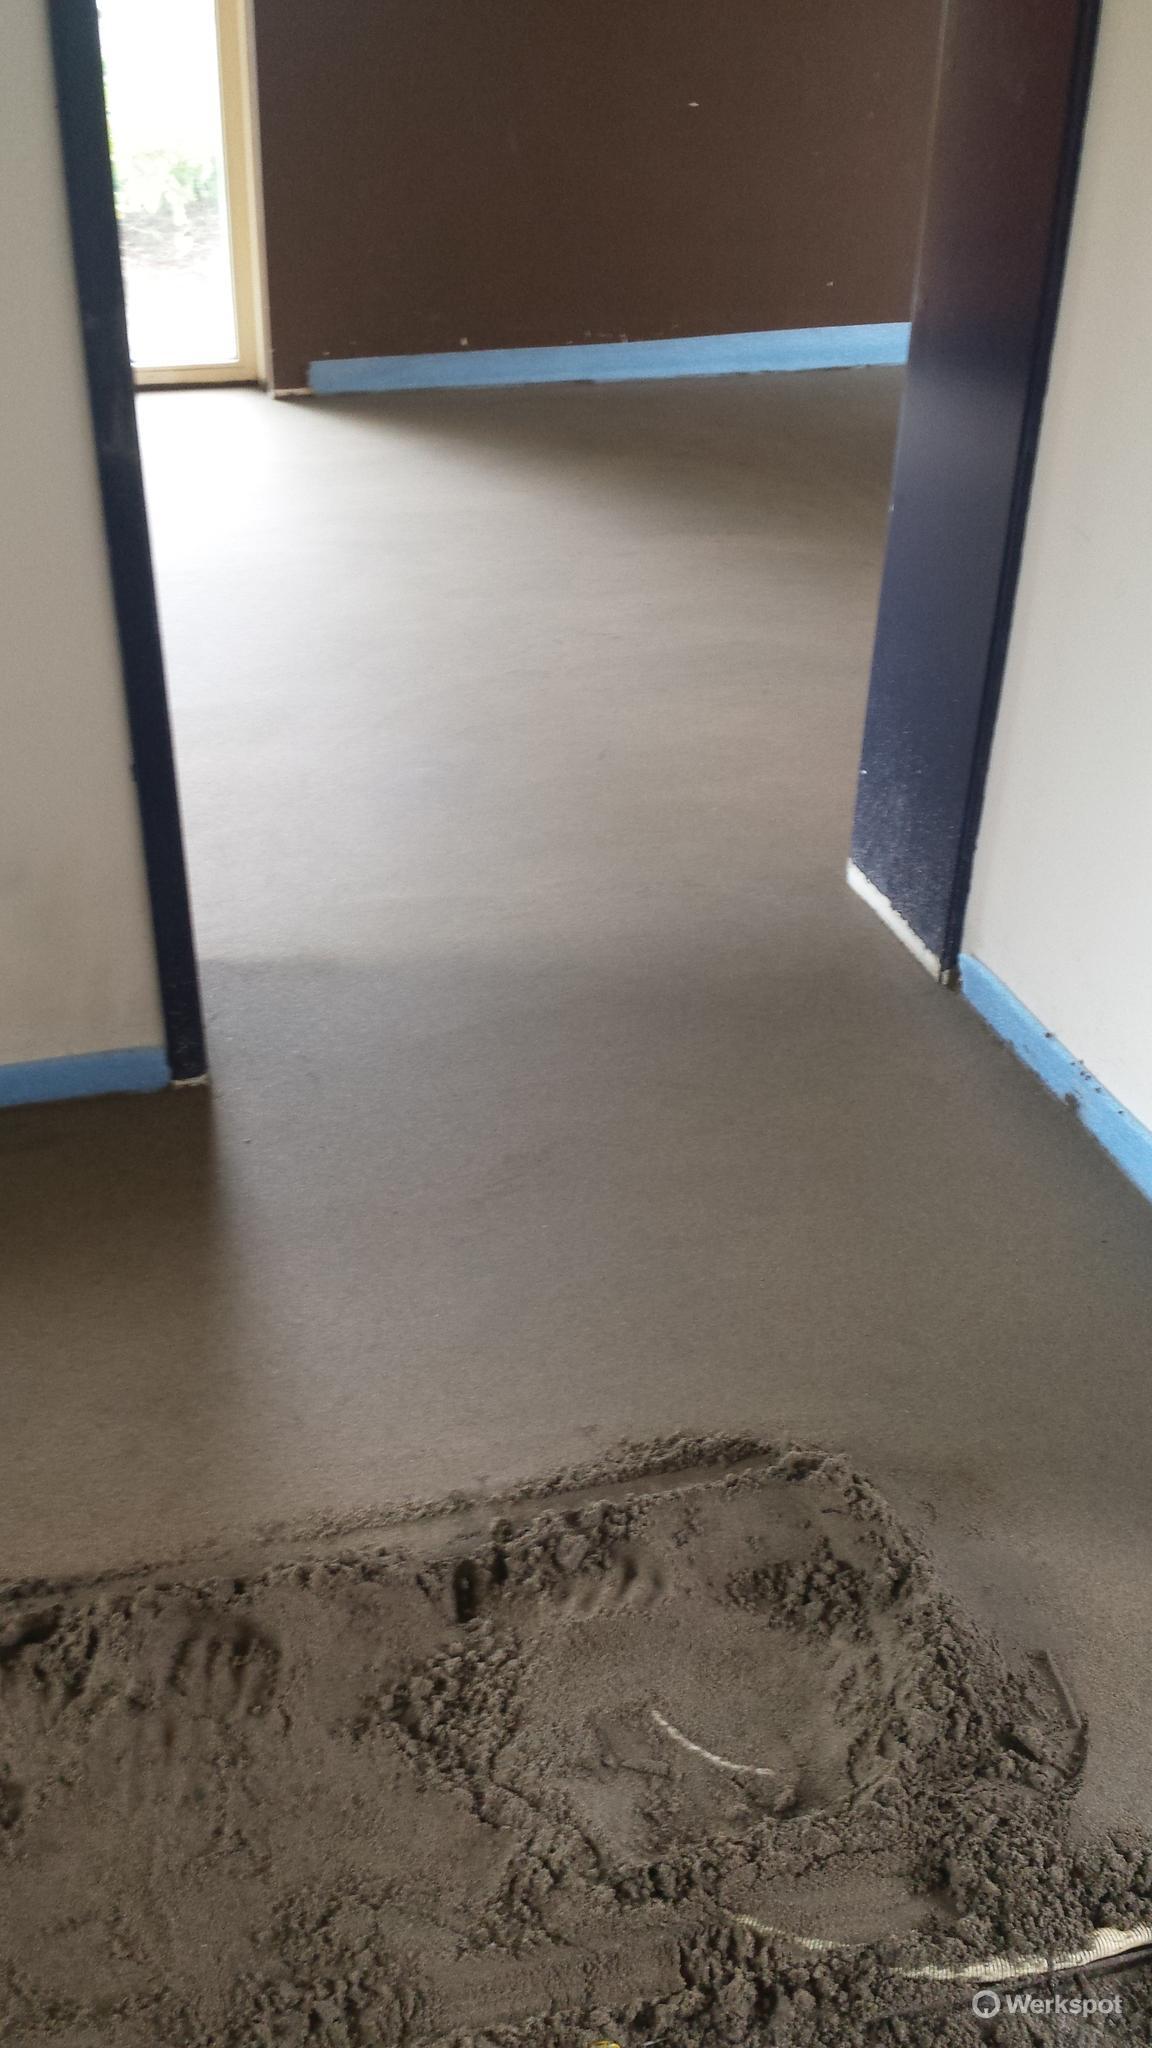 Bekend Oude cementdekvloer met vloerverwarming verwijderen, nieuwe TH58